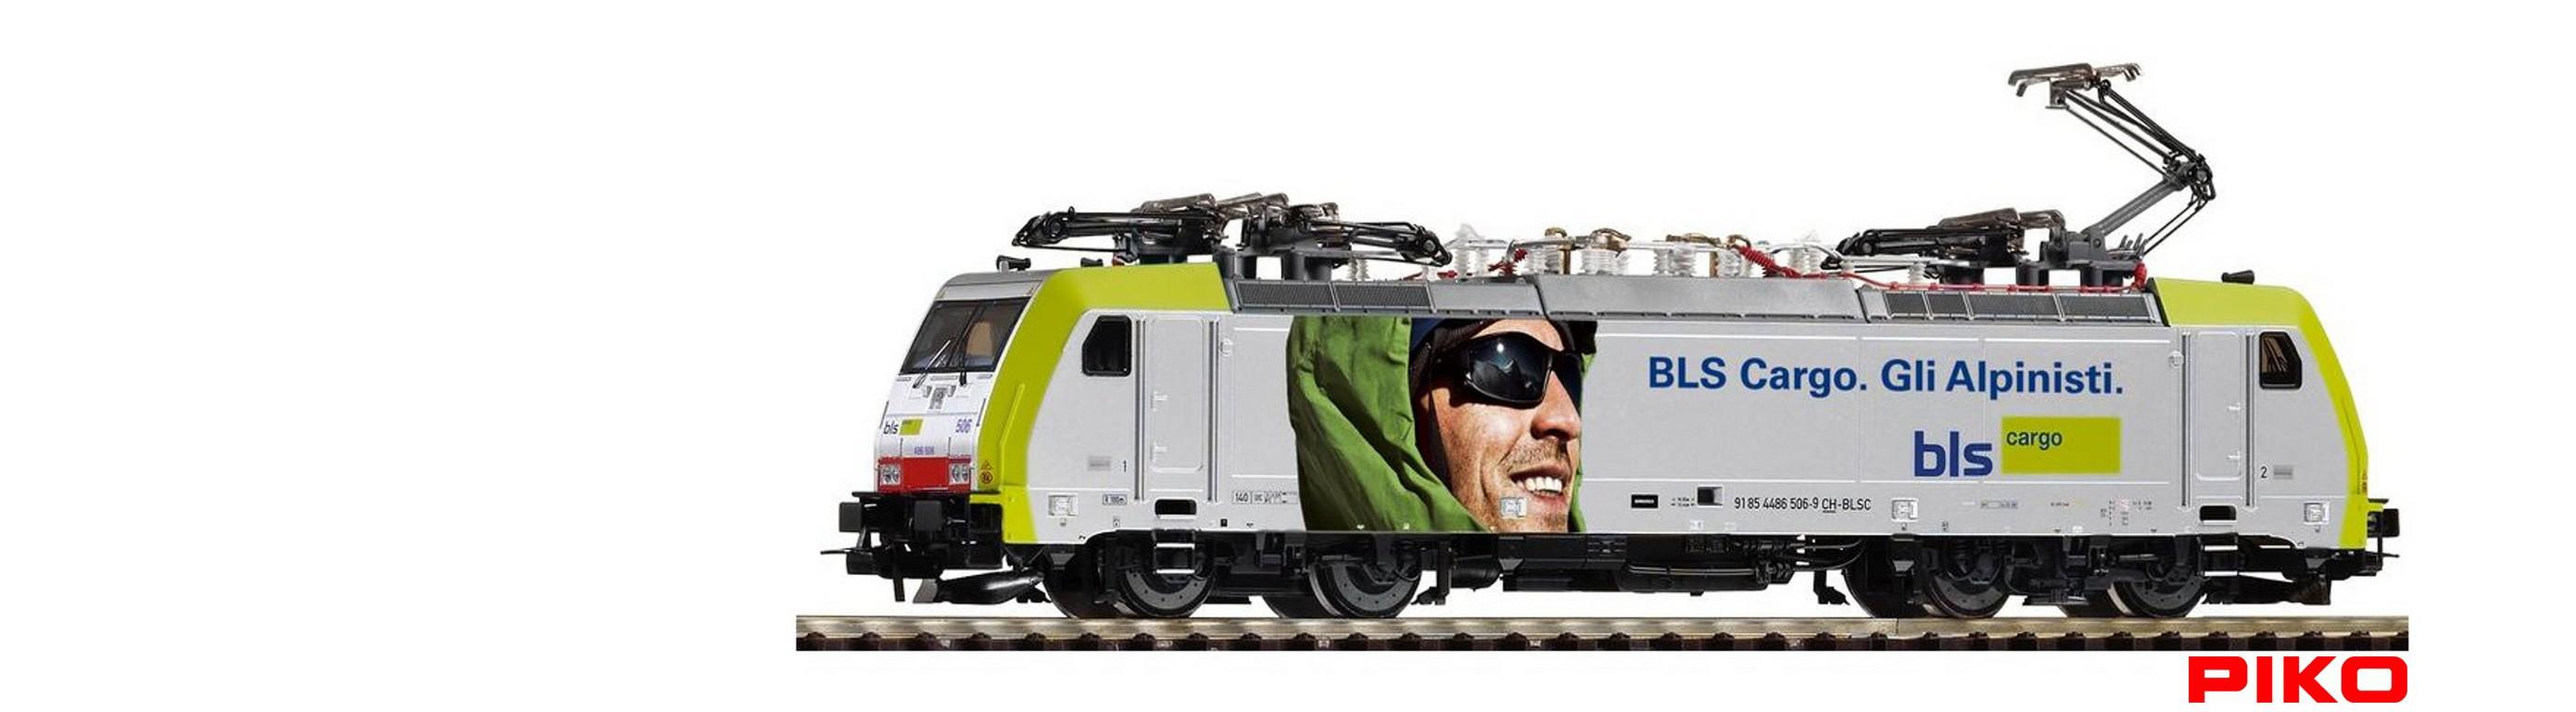 Locomotore BR 186 - Gli Alpinisti